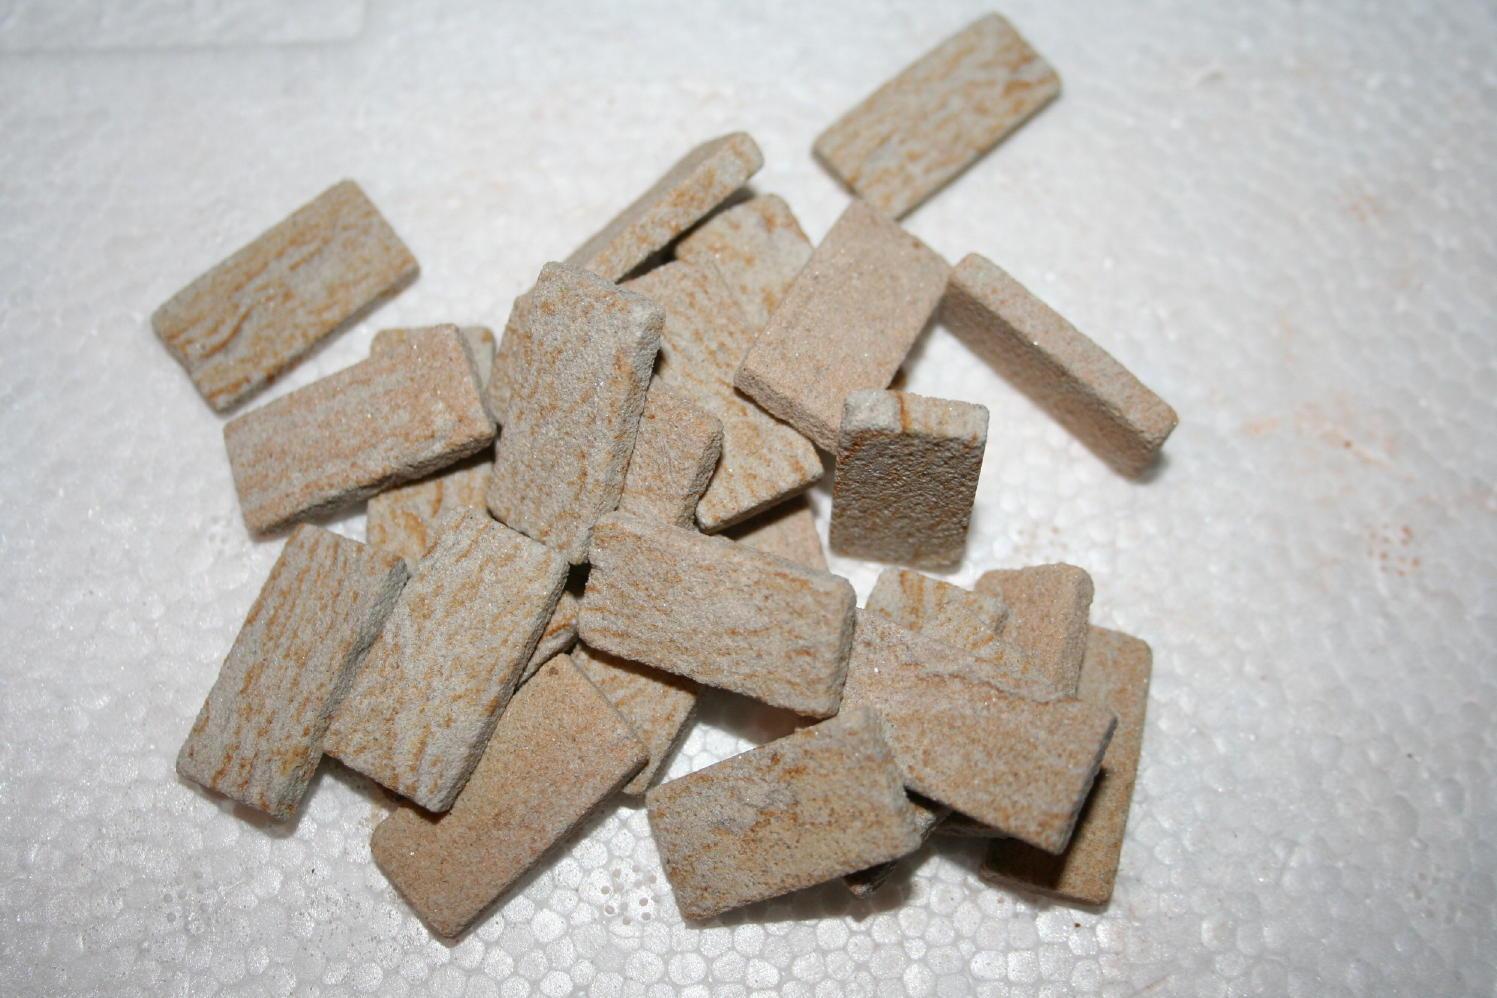 Wurzelkrippe Krippenhobby Onlineshop Kbm 096 Sandsteinplattchen